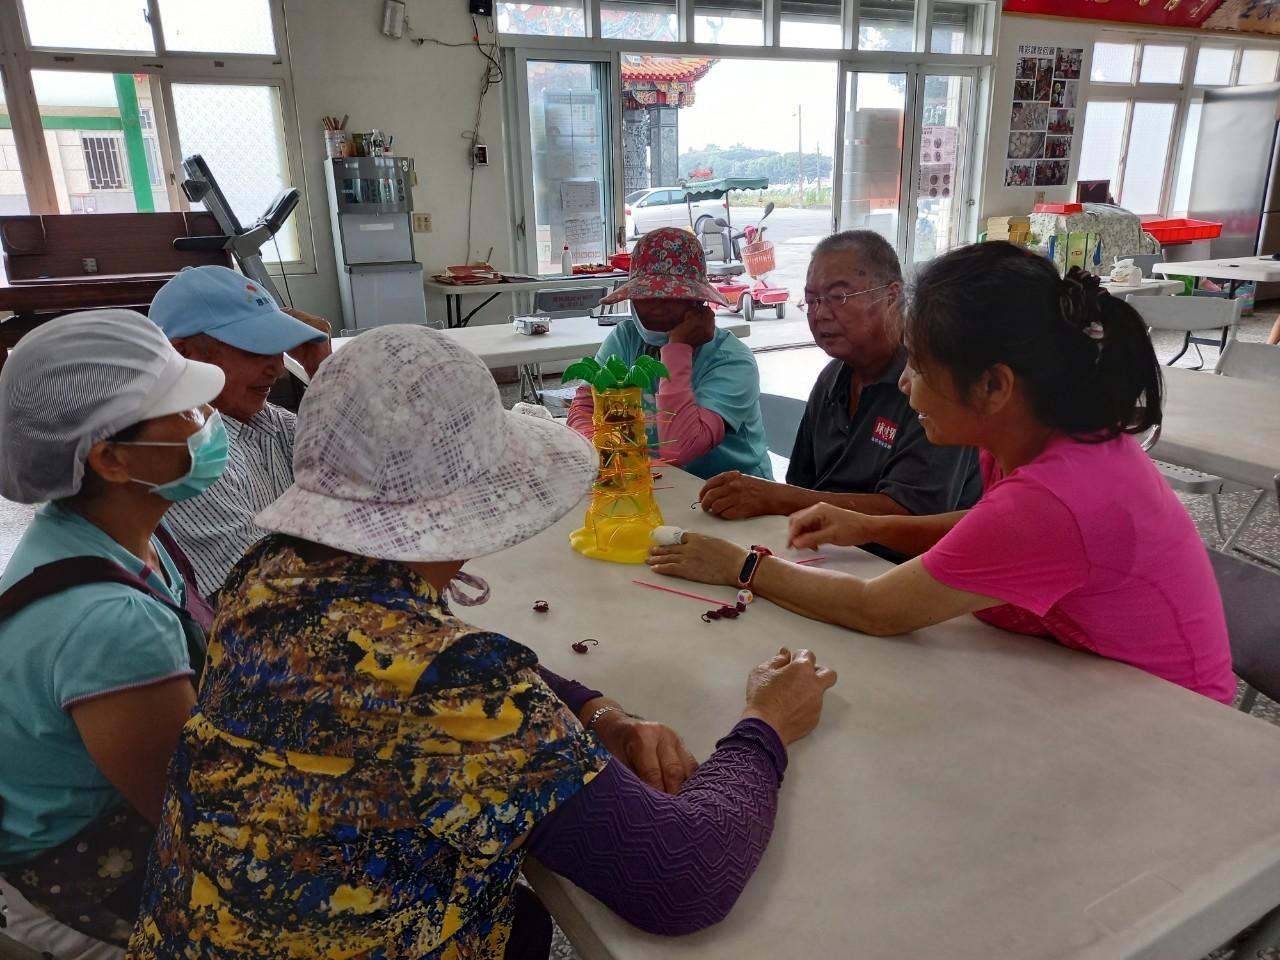 實踐參與式預算,為社區共好而樂齡學習